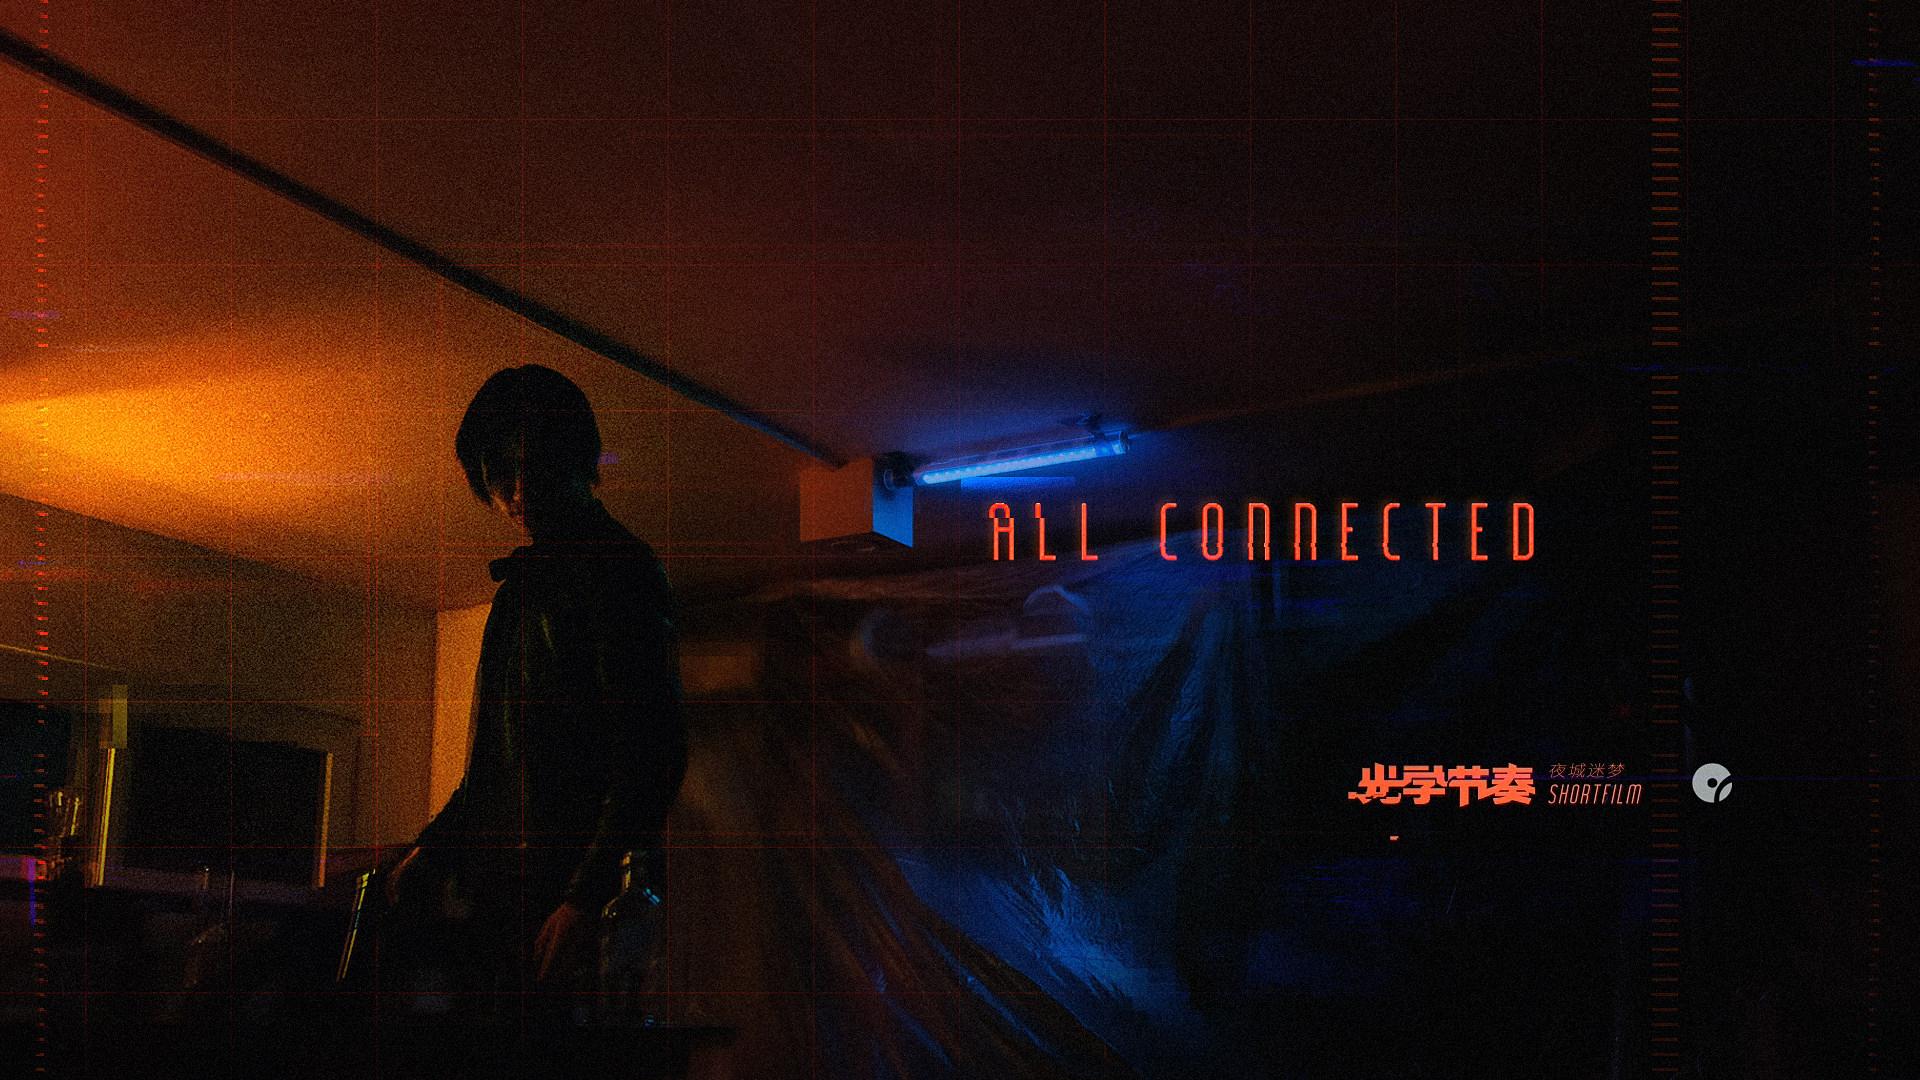 视频类特别奖丨ALL CONNECTED:赛博朋克原创短片